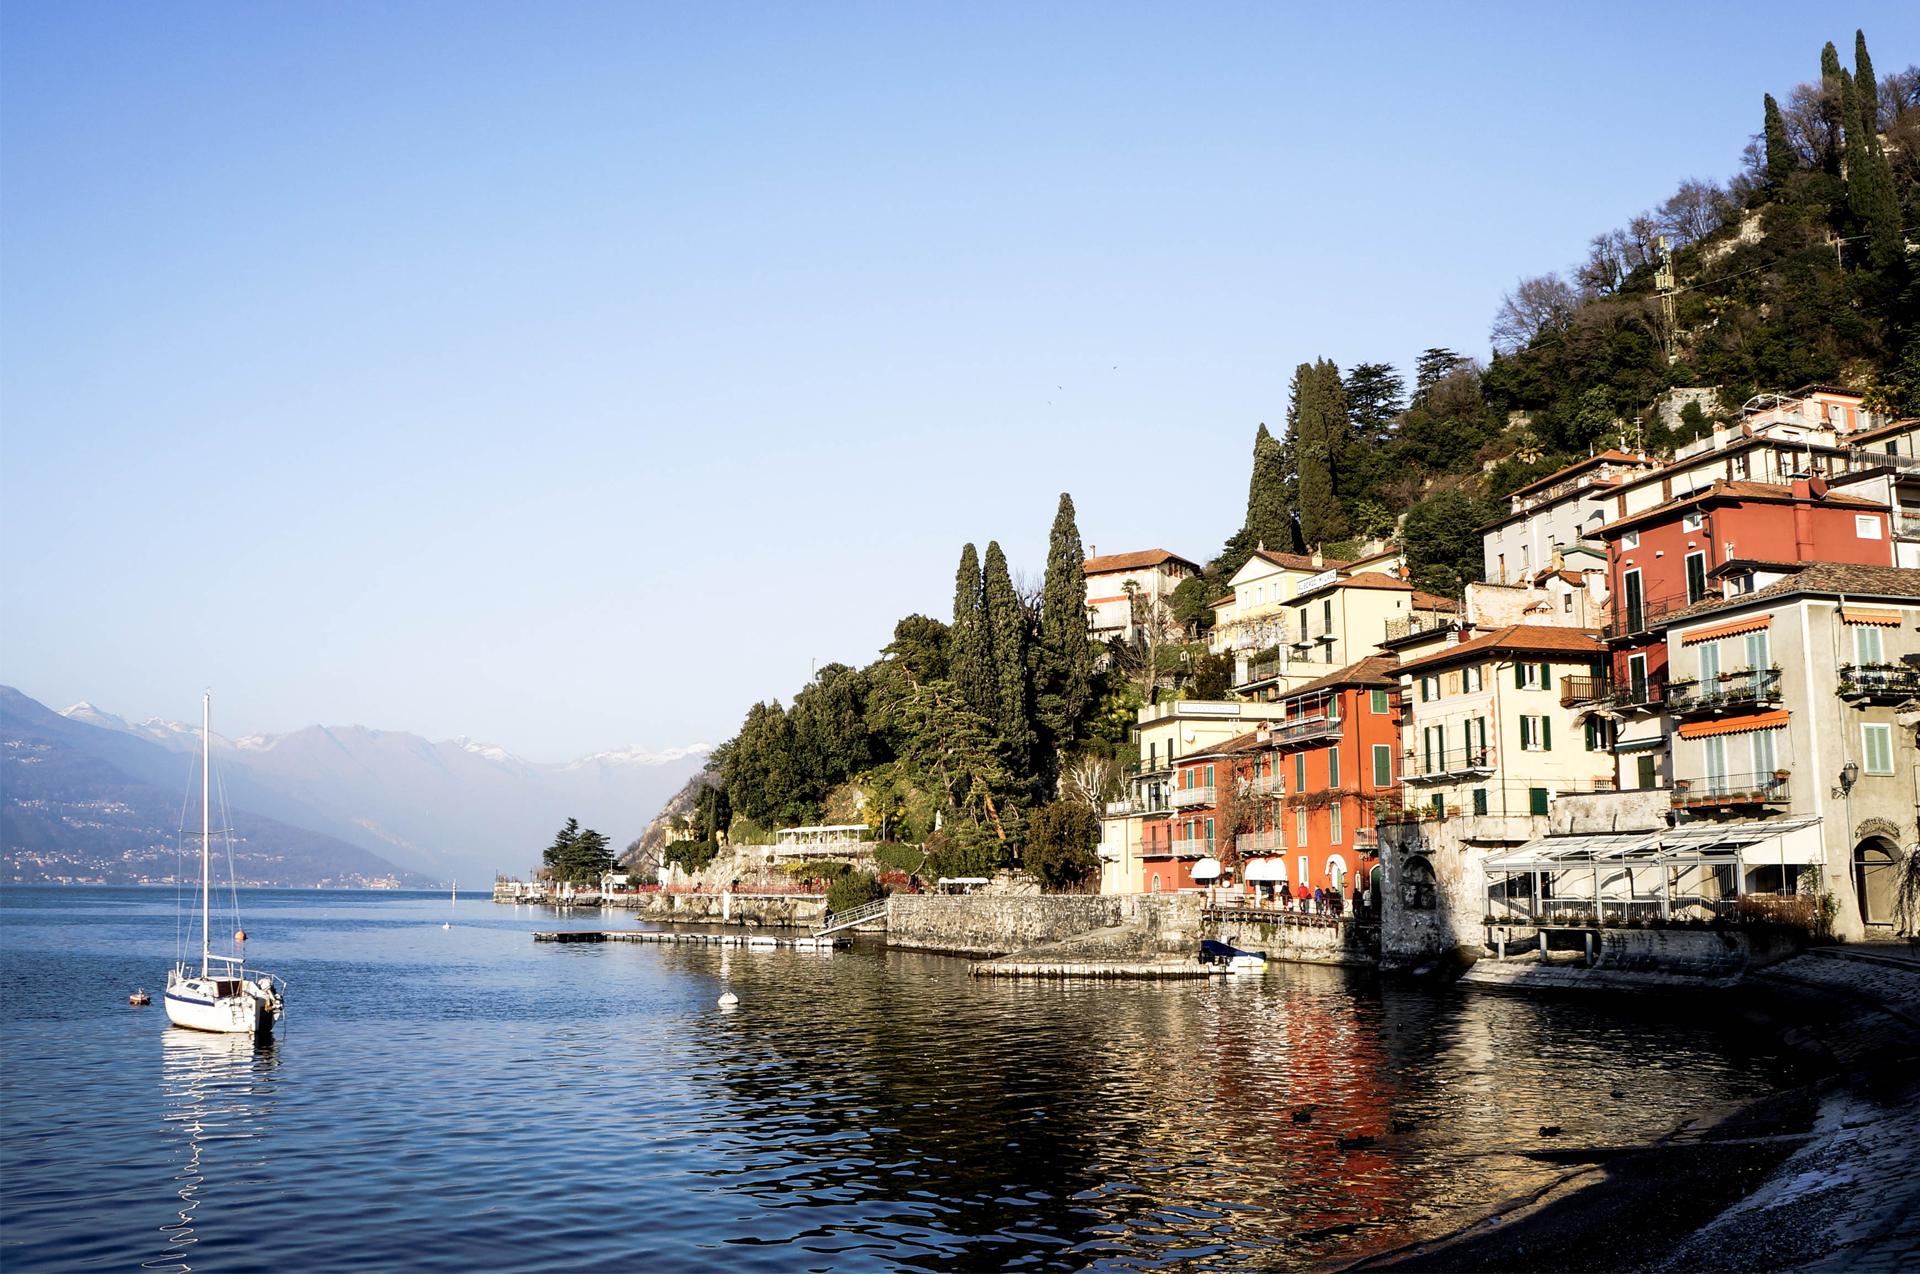 coma-see-lago-di-como-travelblogger